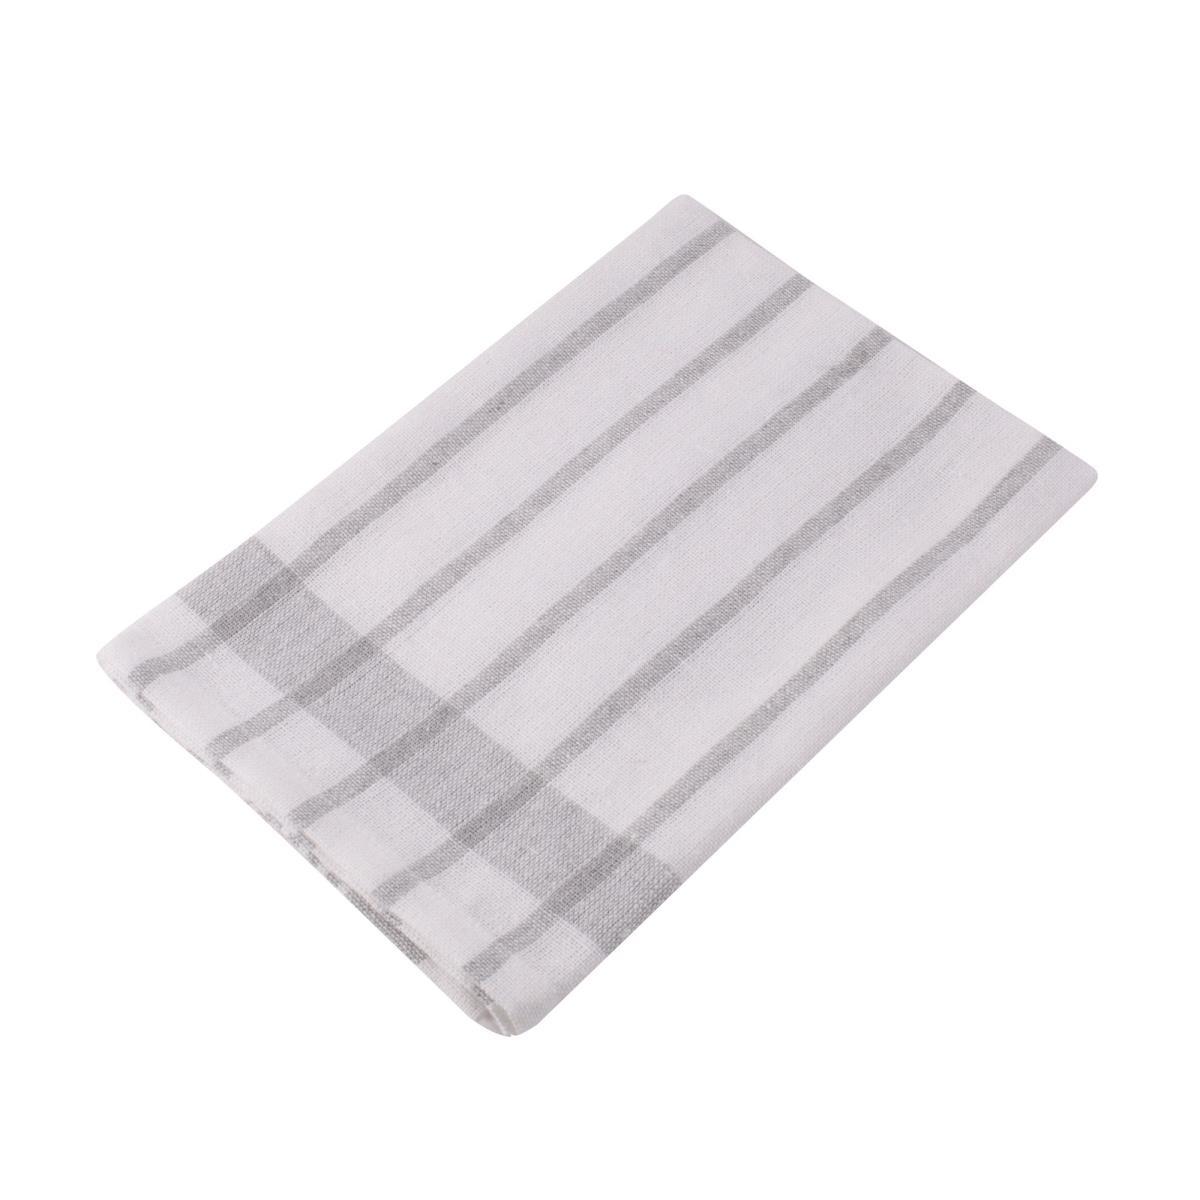 6 Küchenhandtücher 45 x 45 cm Geschirrtücher hängenden Handtuch Küche Tuch,Okko,KT- 594, 2000513747032